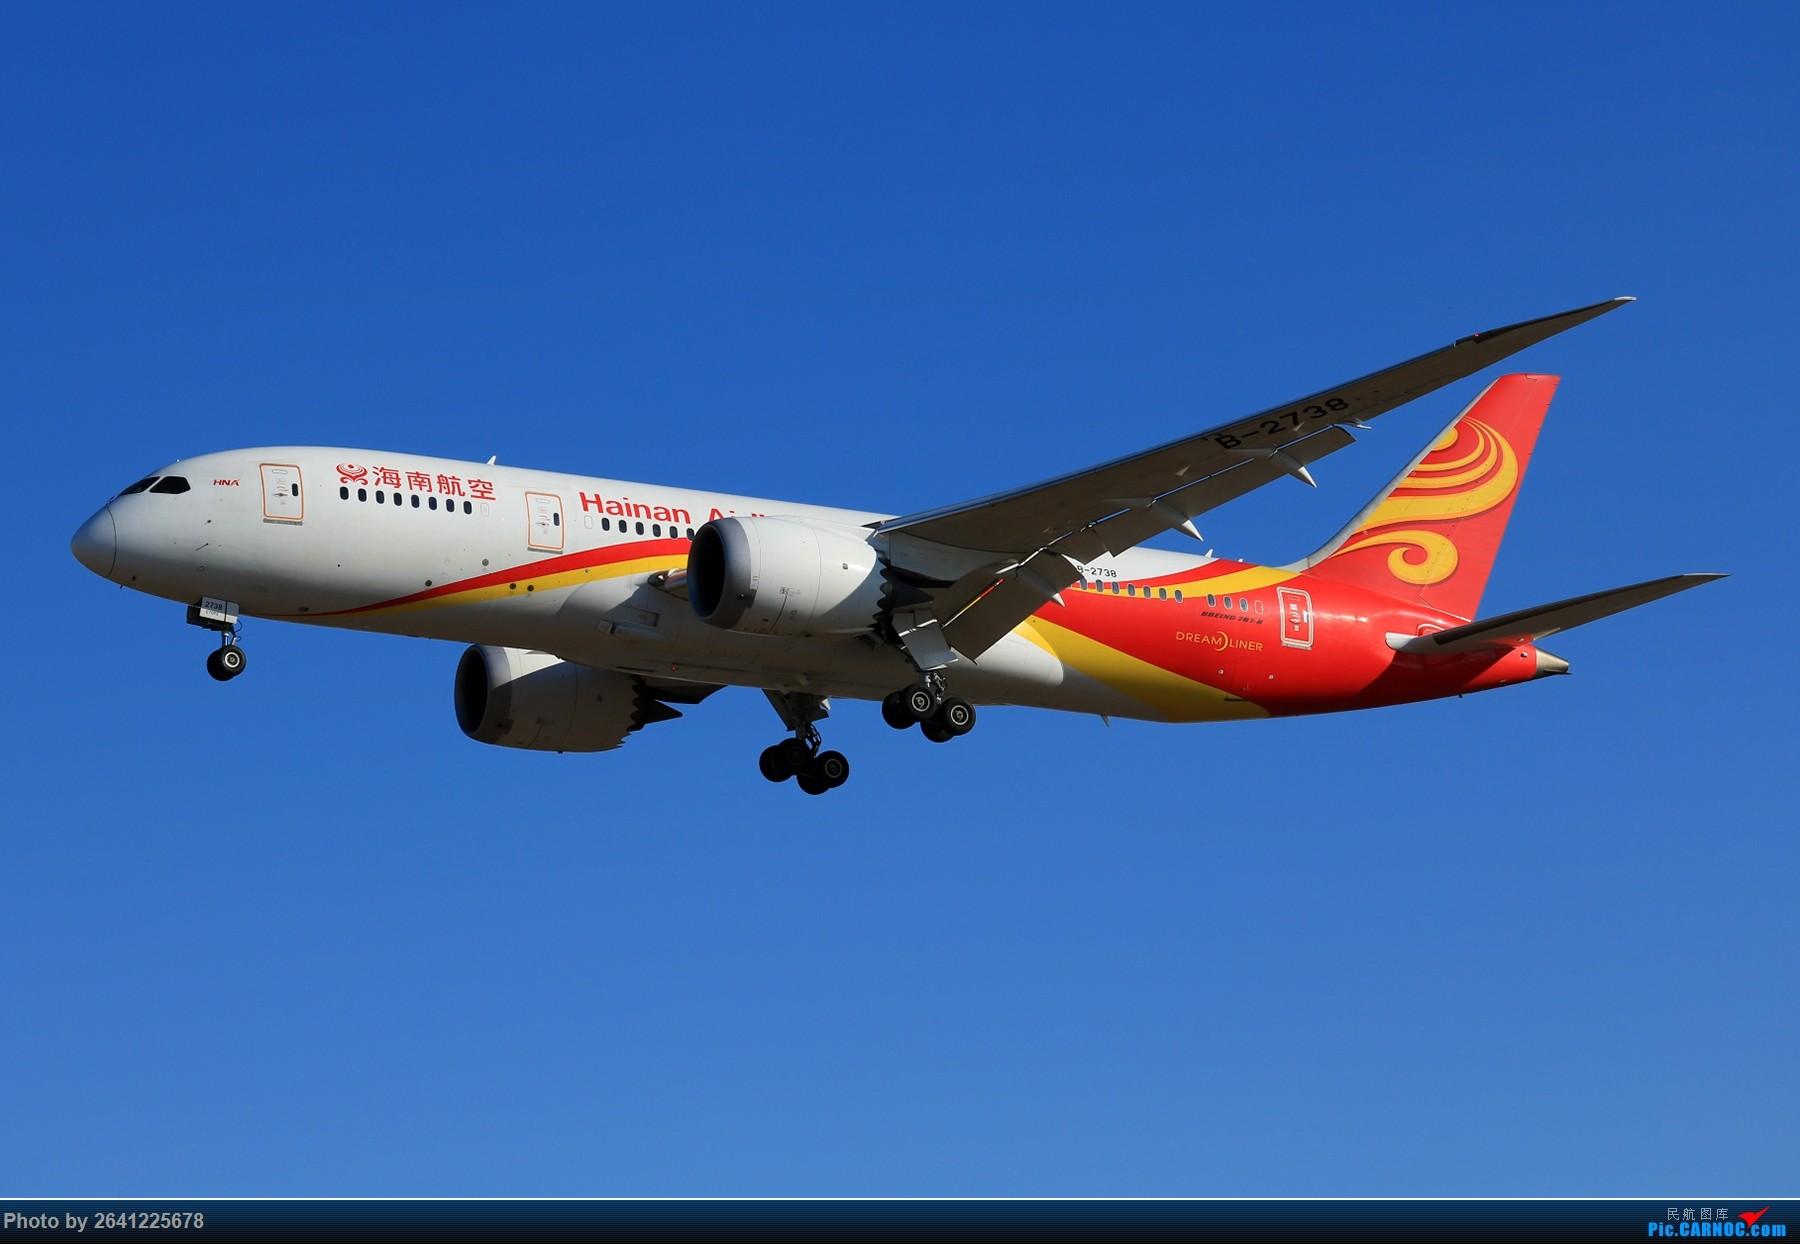 Re:[原创]【PEK】六七级北风吹走了雾霾,吹不走拍机的热情!1800*1200/1920*1280一组 图片略多,慢慢发 BOEING 787-8 B-2738 中国北京首都国际机场